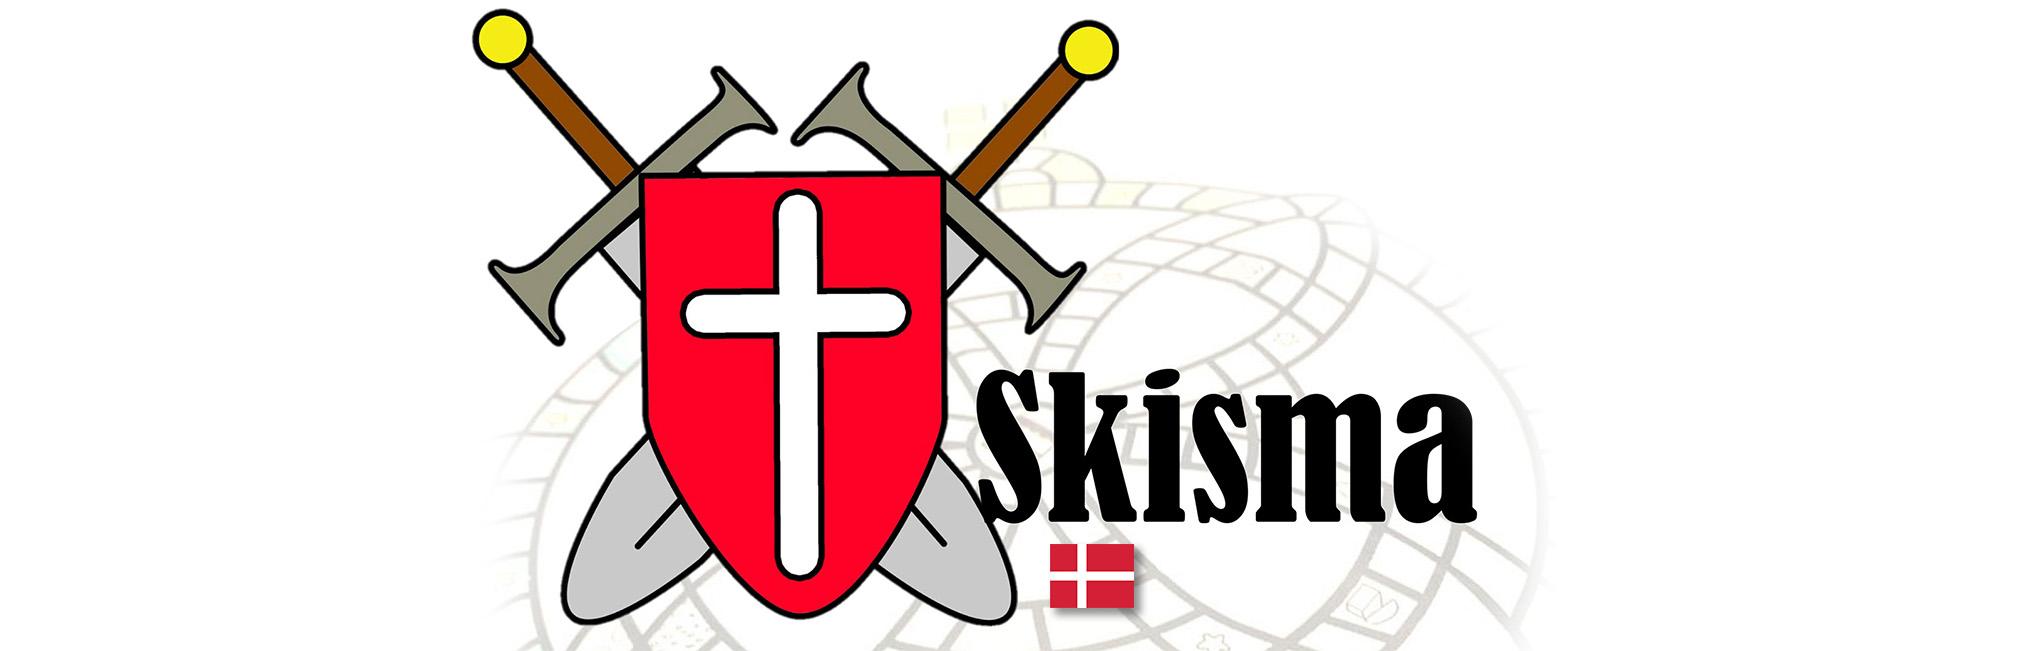 SkismaDKCover4.jpg